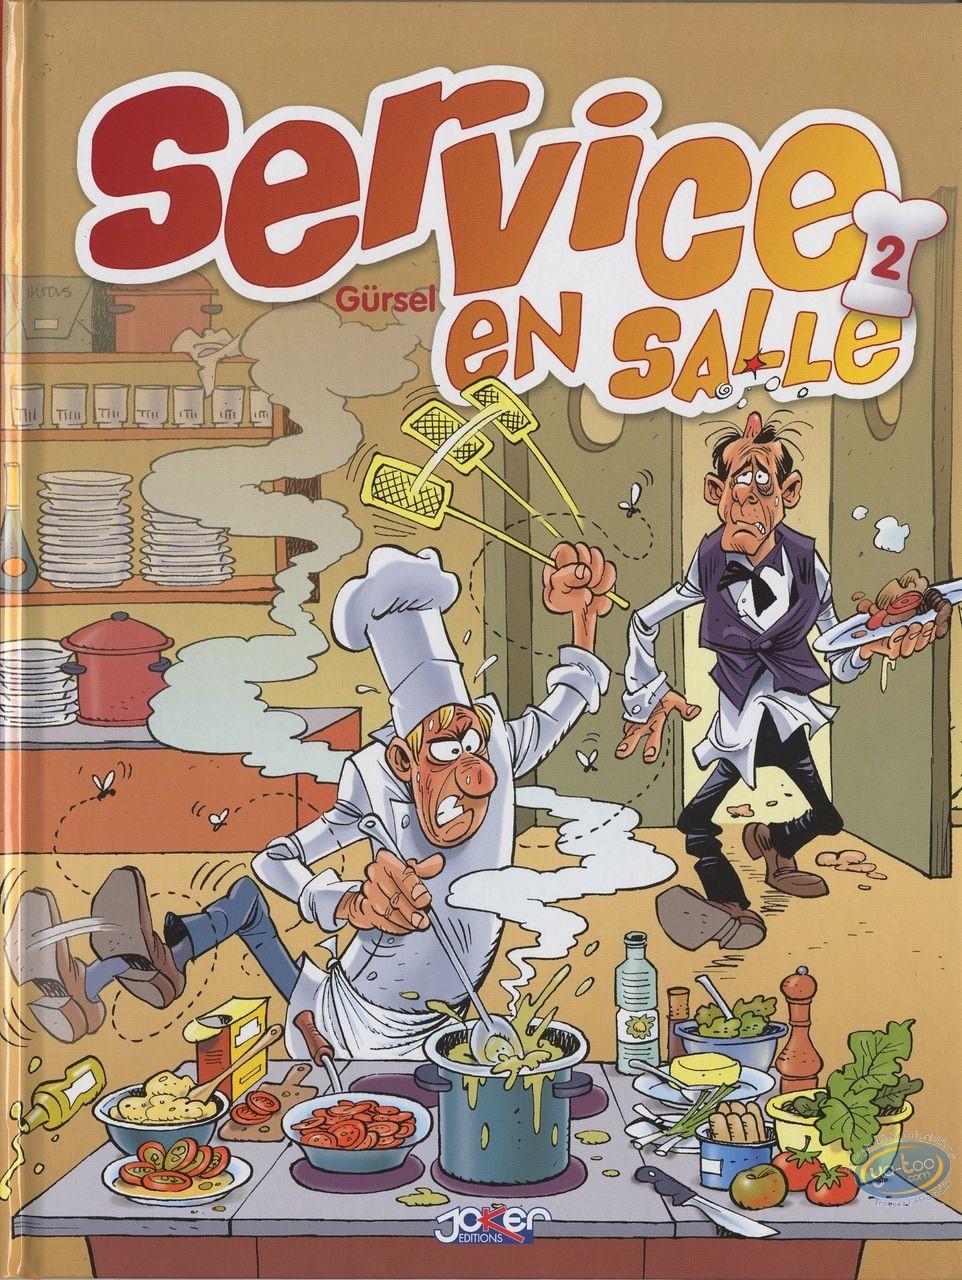 European Comic Books, Restauration (La) : Service en salle